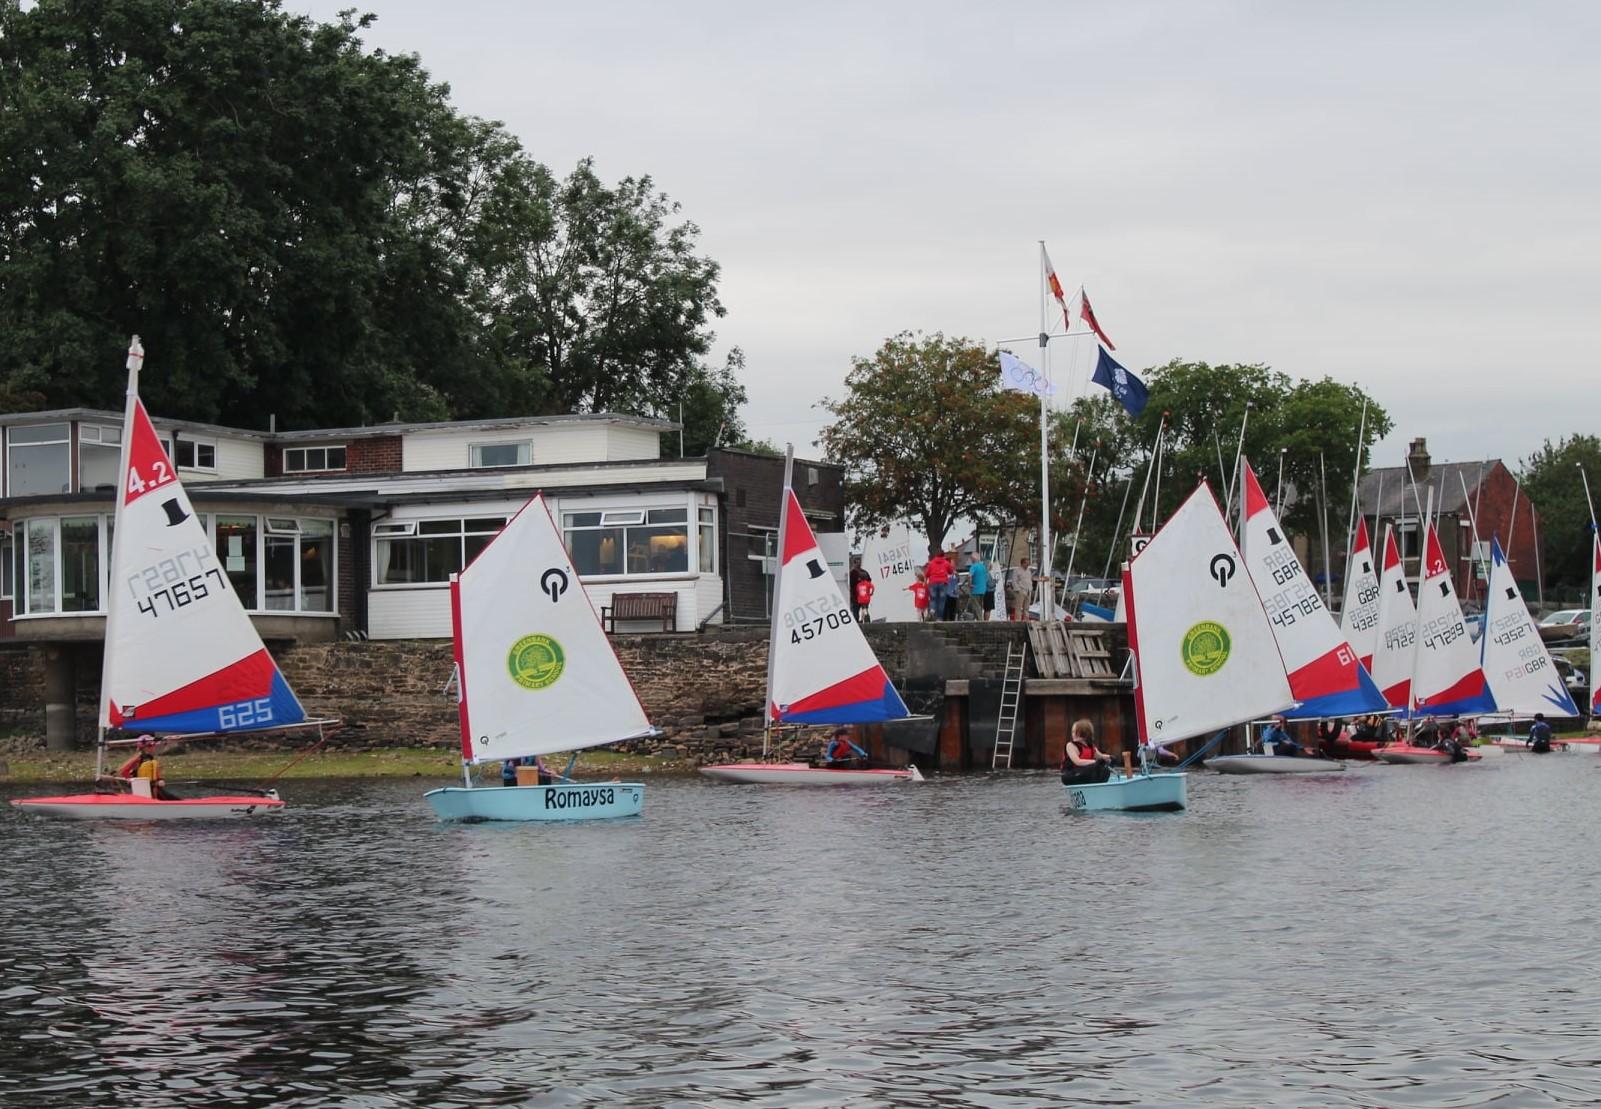 Juniors-launching-to-race-Olympian